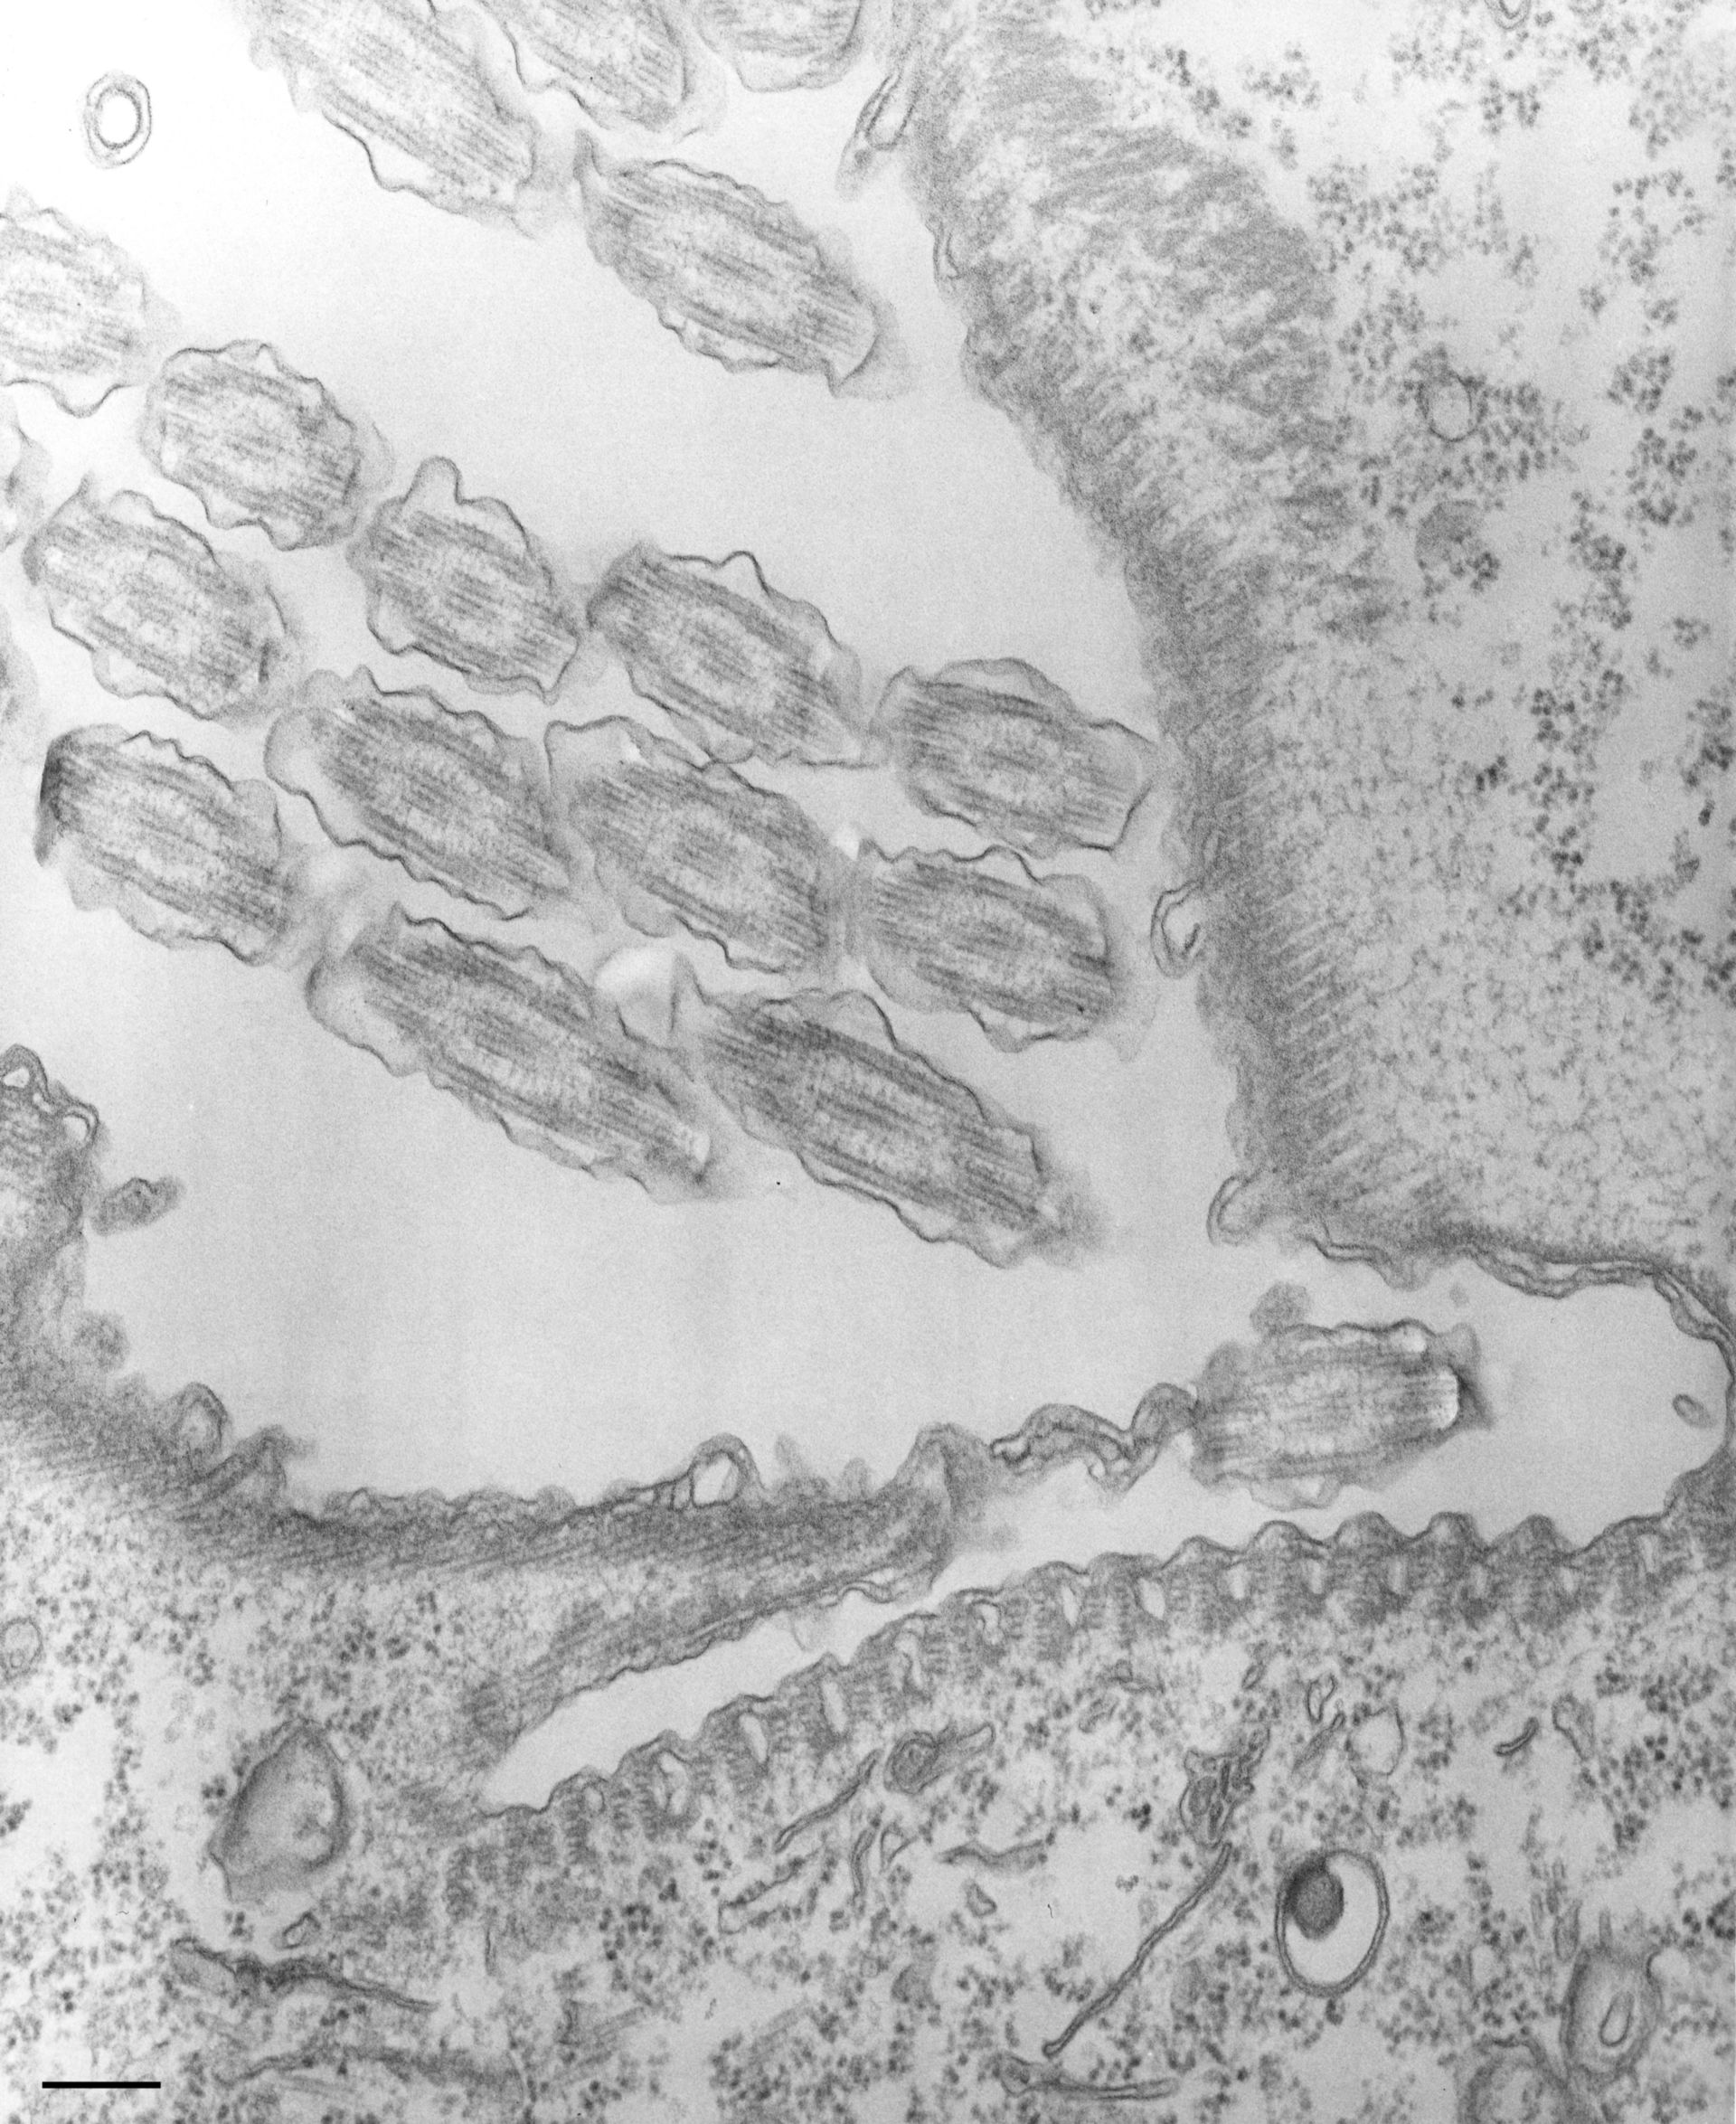 Tetrahymena pyriformis (Oral apparatus) - CIL:35483